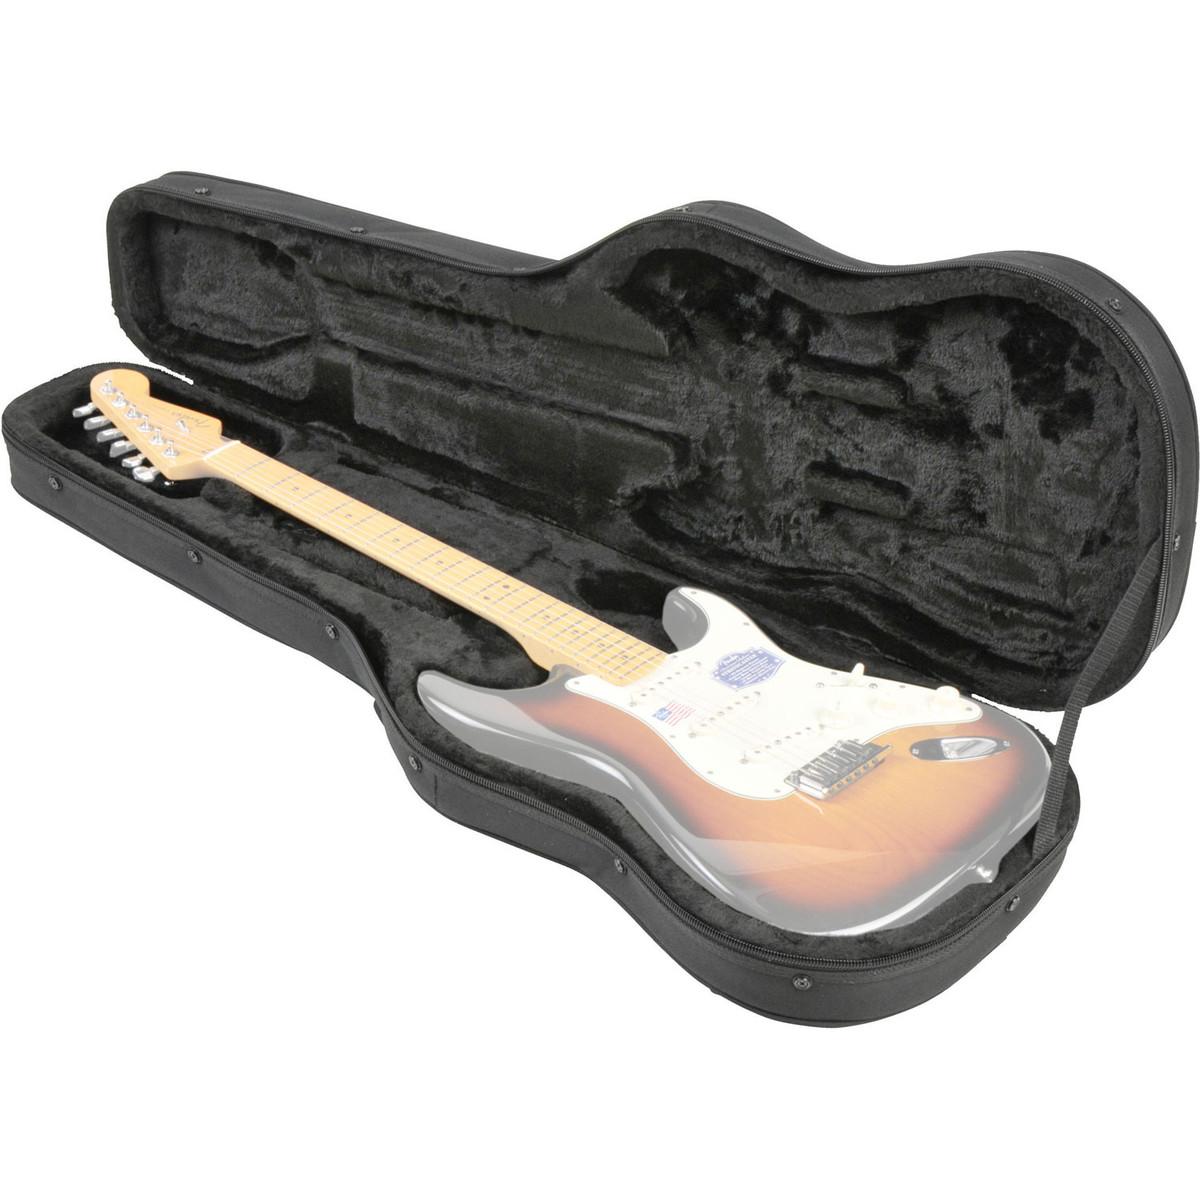 skb scfs6 universal electric guitar soft case at. Black Bedroom Furniture Sets. Home Design Ideas